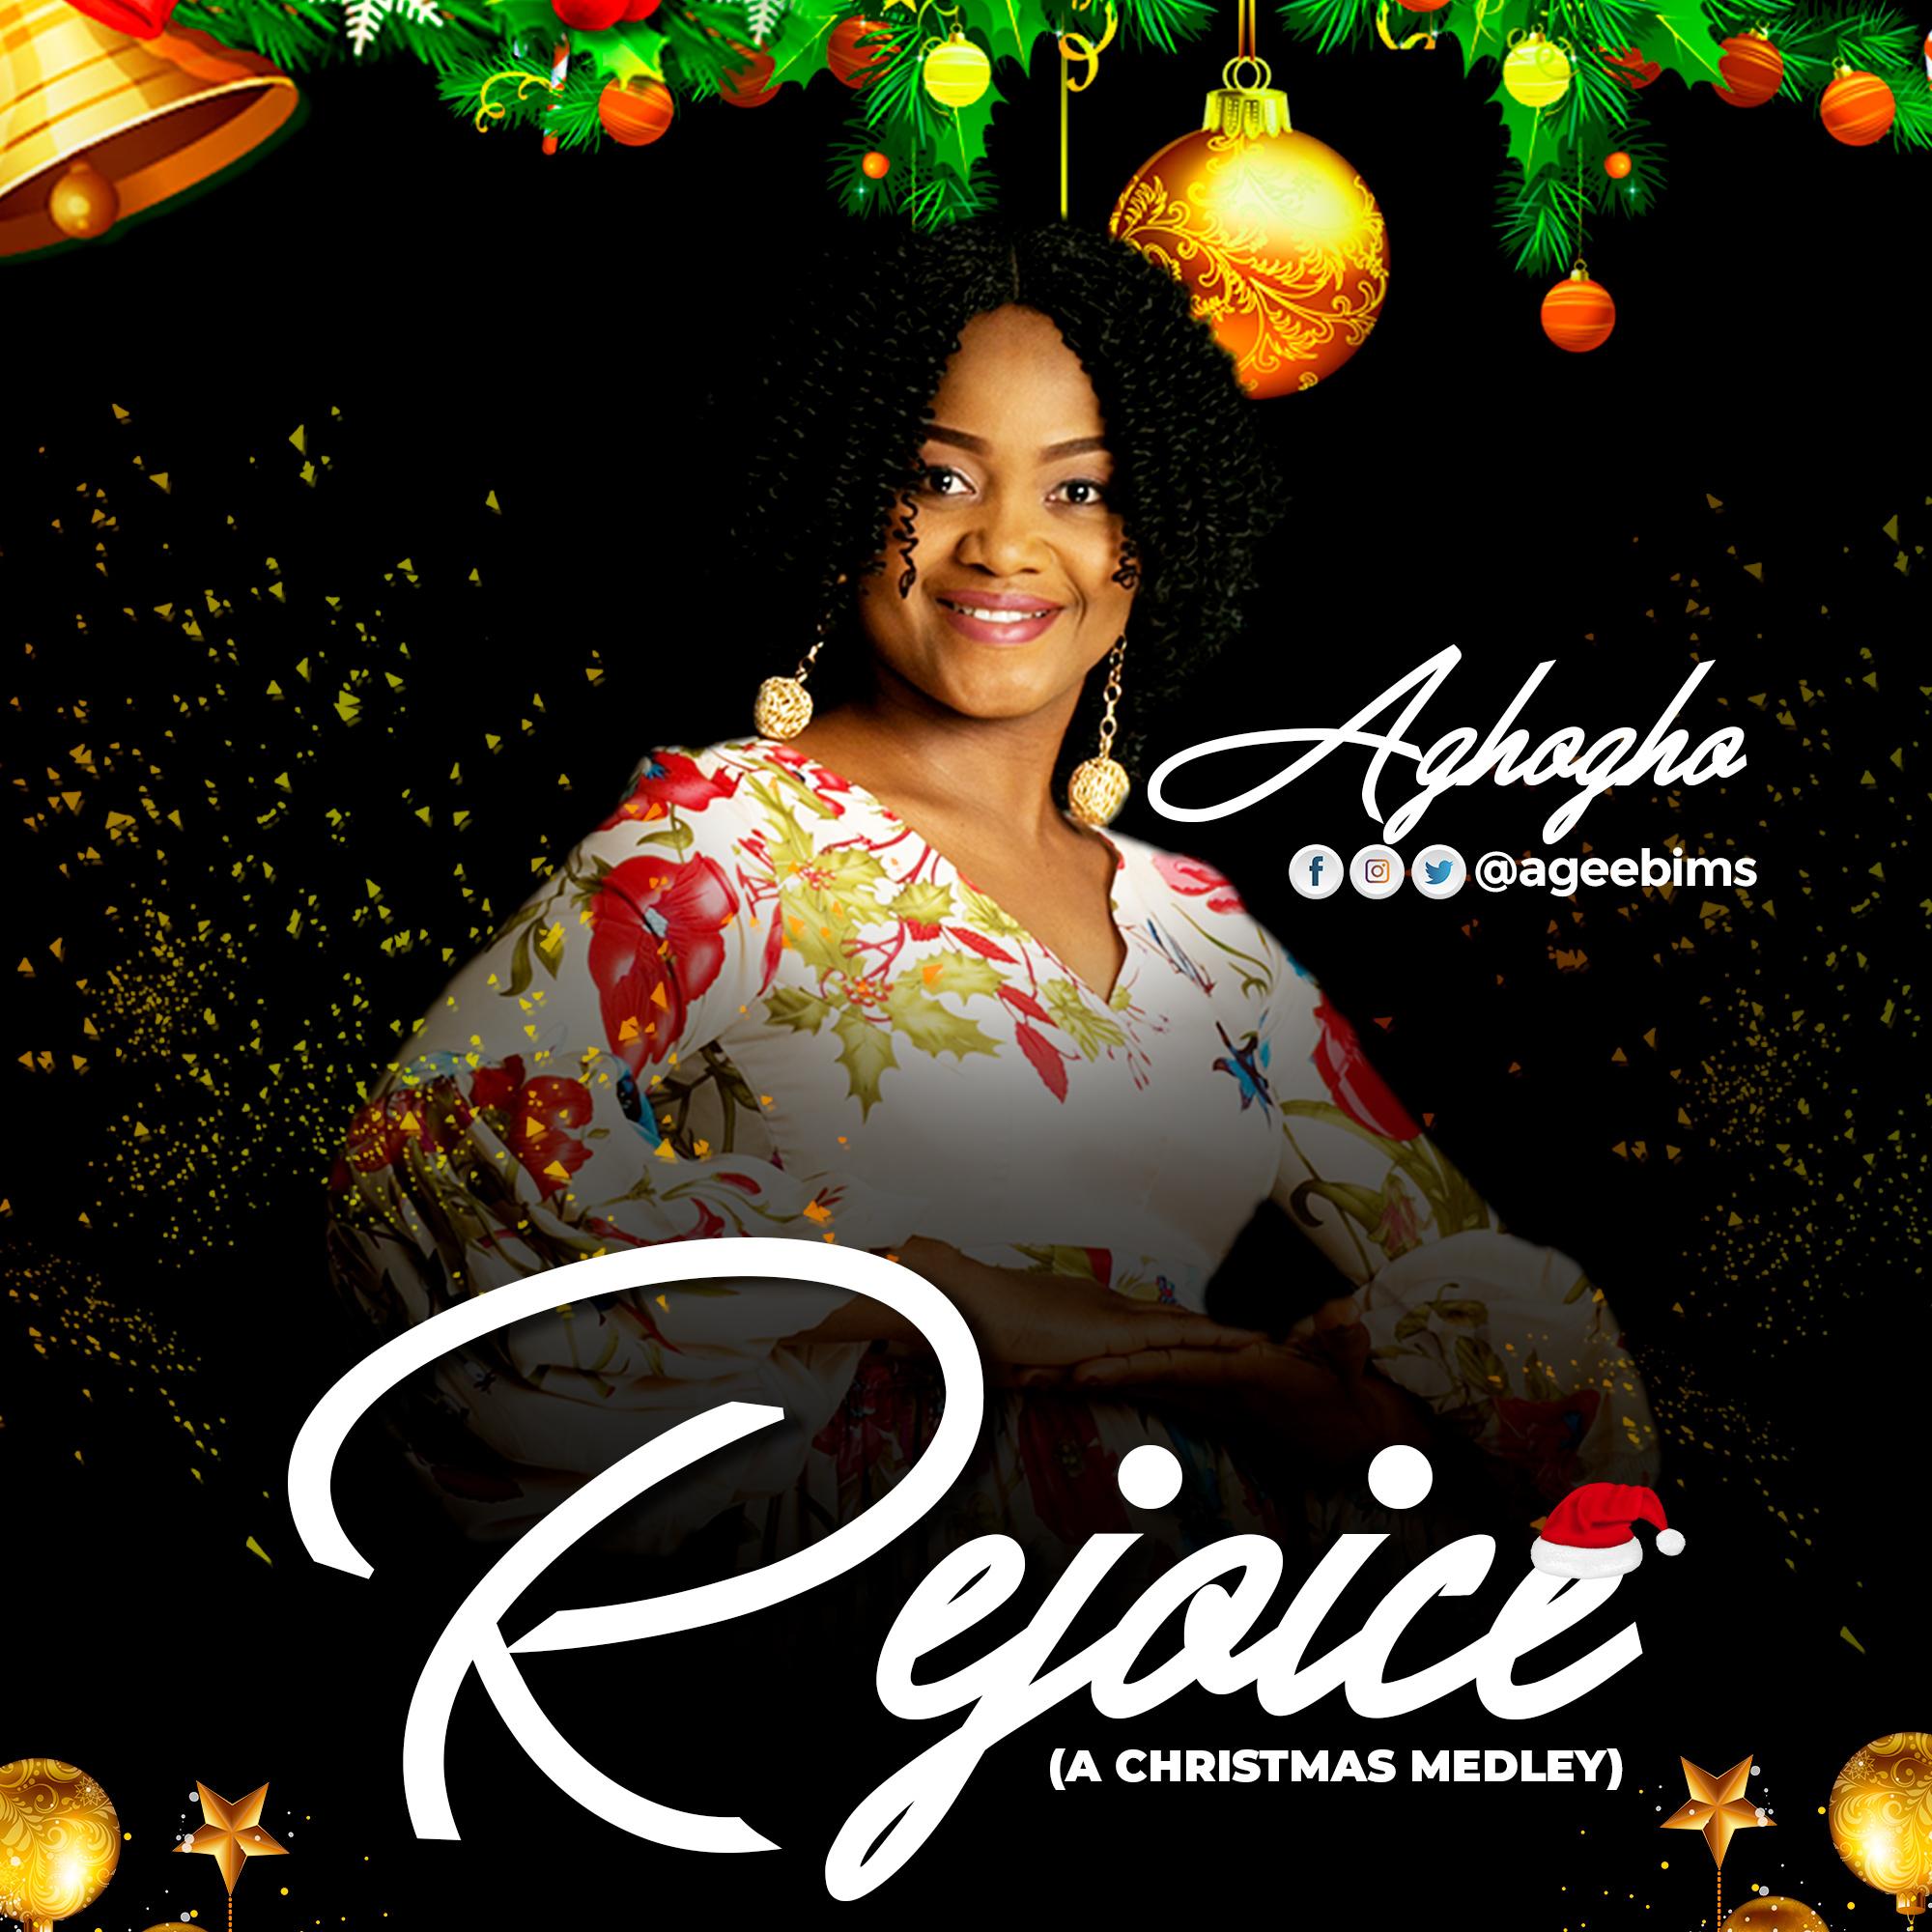 Aghogho Rejoice